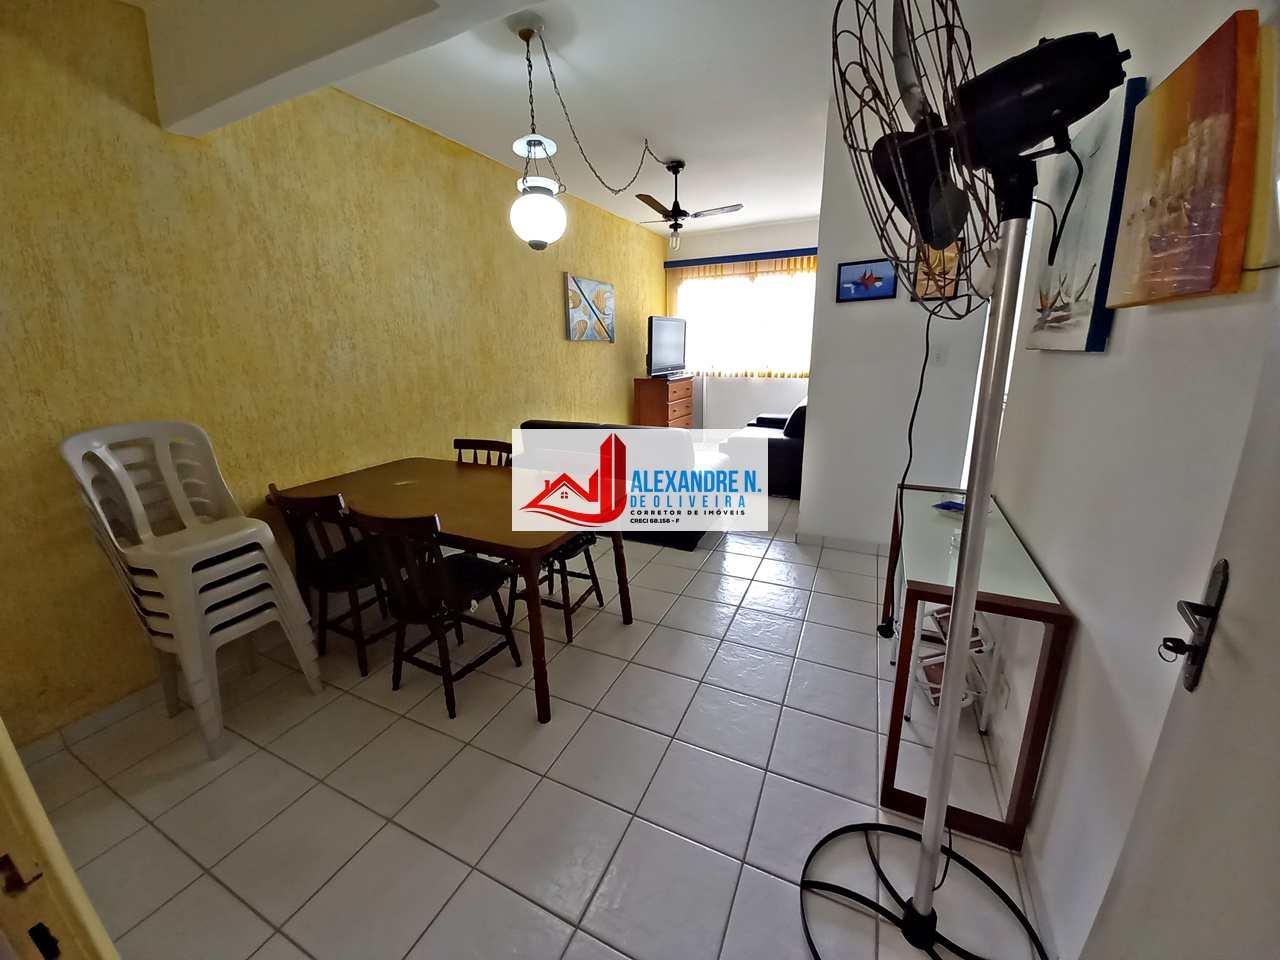 Apartamento 1 dorm, Caiçara, Praia Grande, R$ 140 mil, AP00755